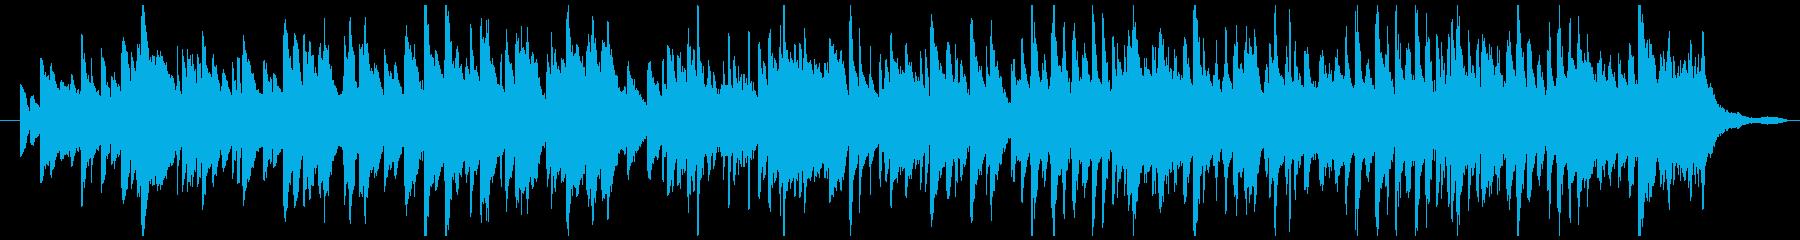 切ないピアノの旋律が印象的なバラード曲。の再生済みの波形